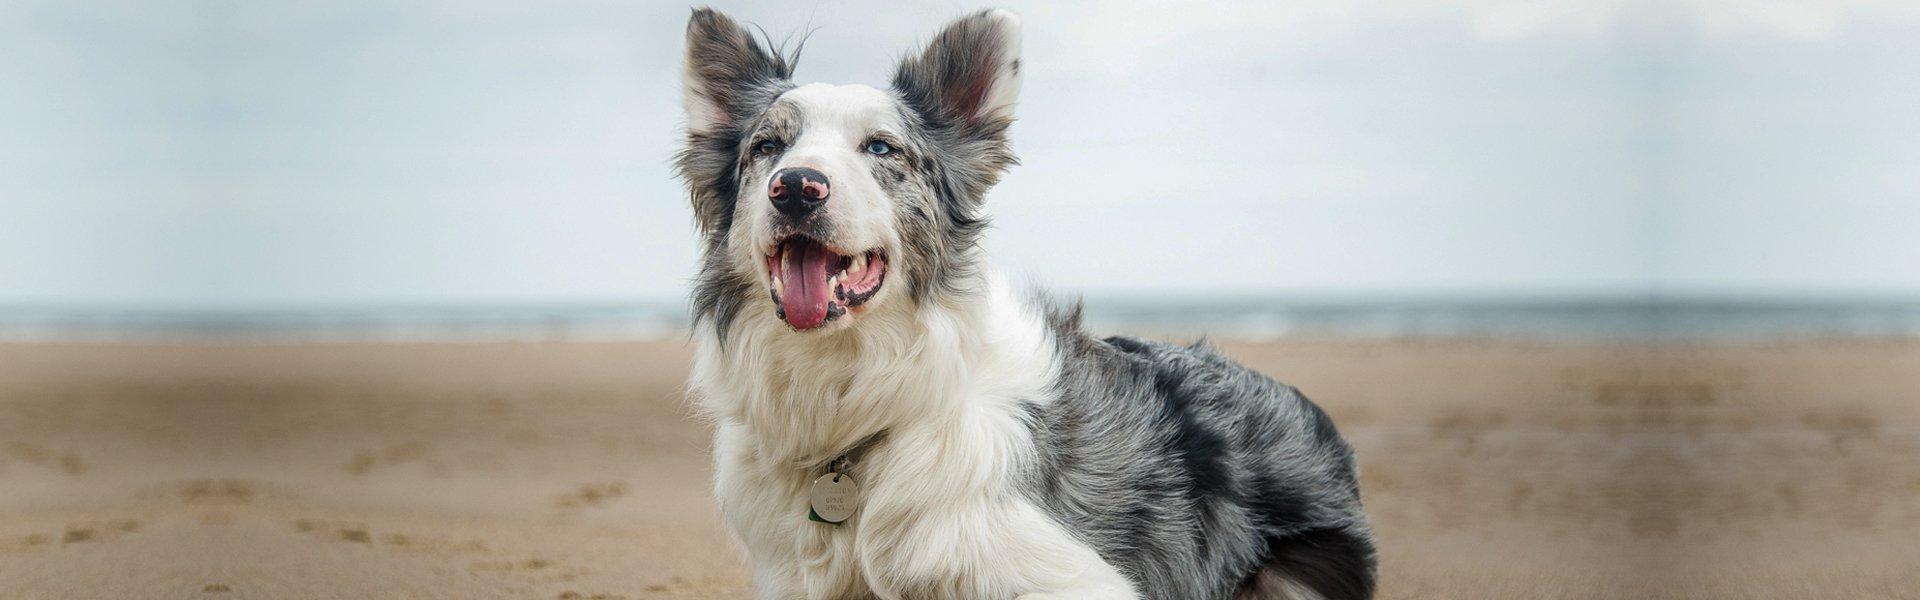 dog in a beach